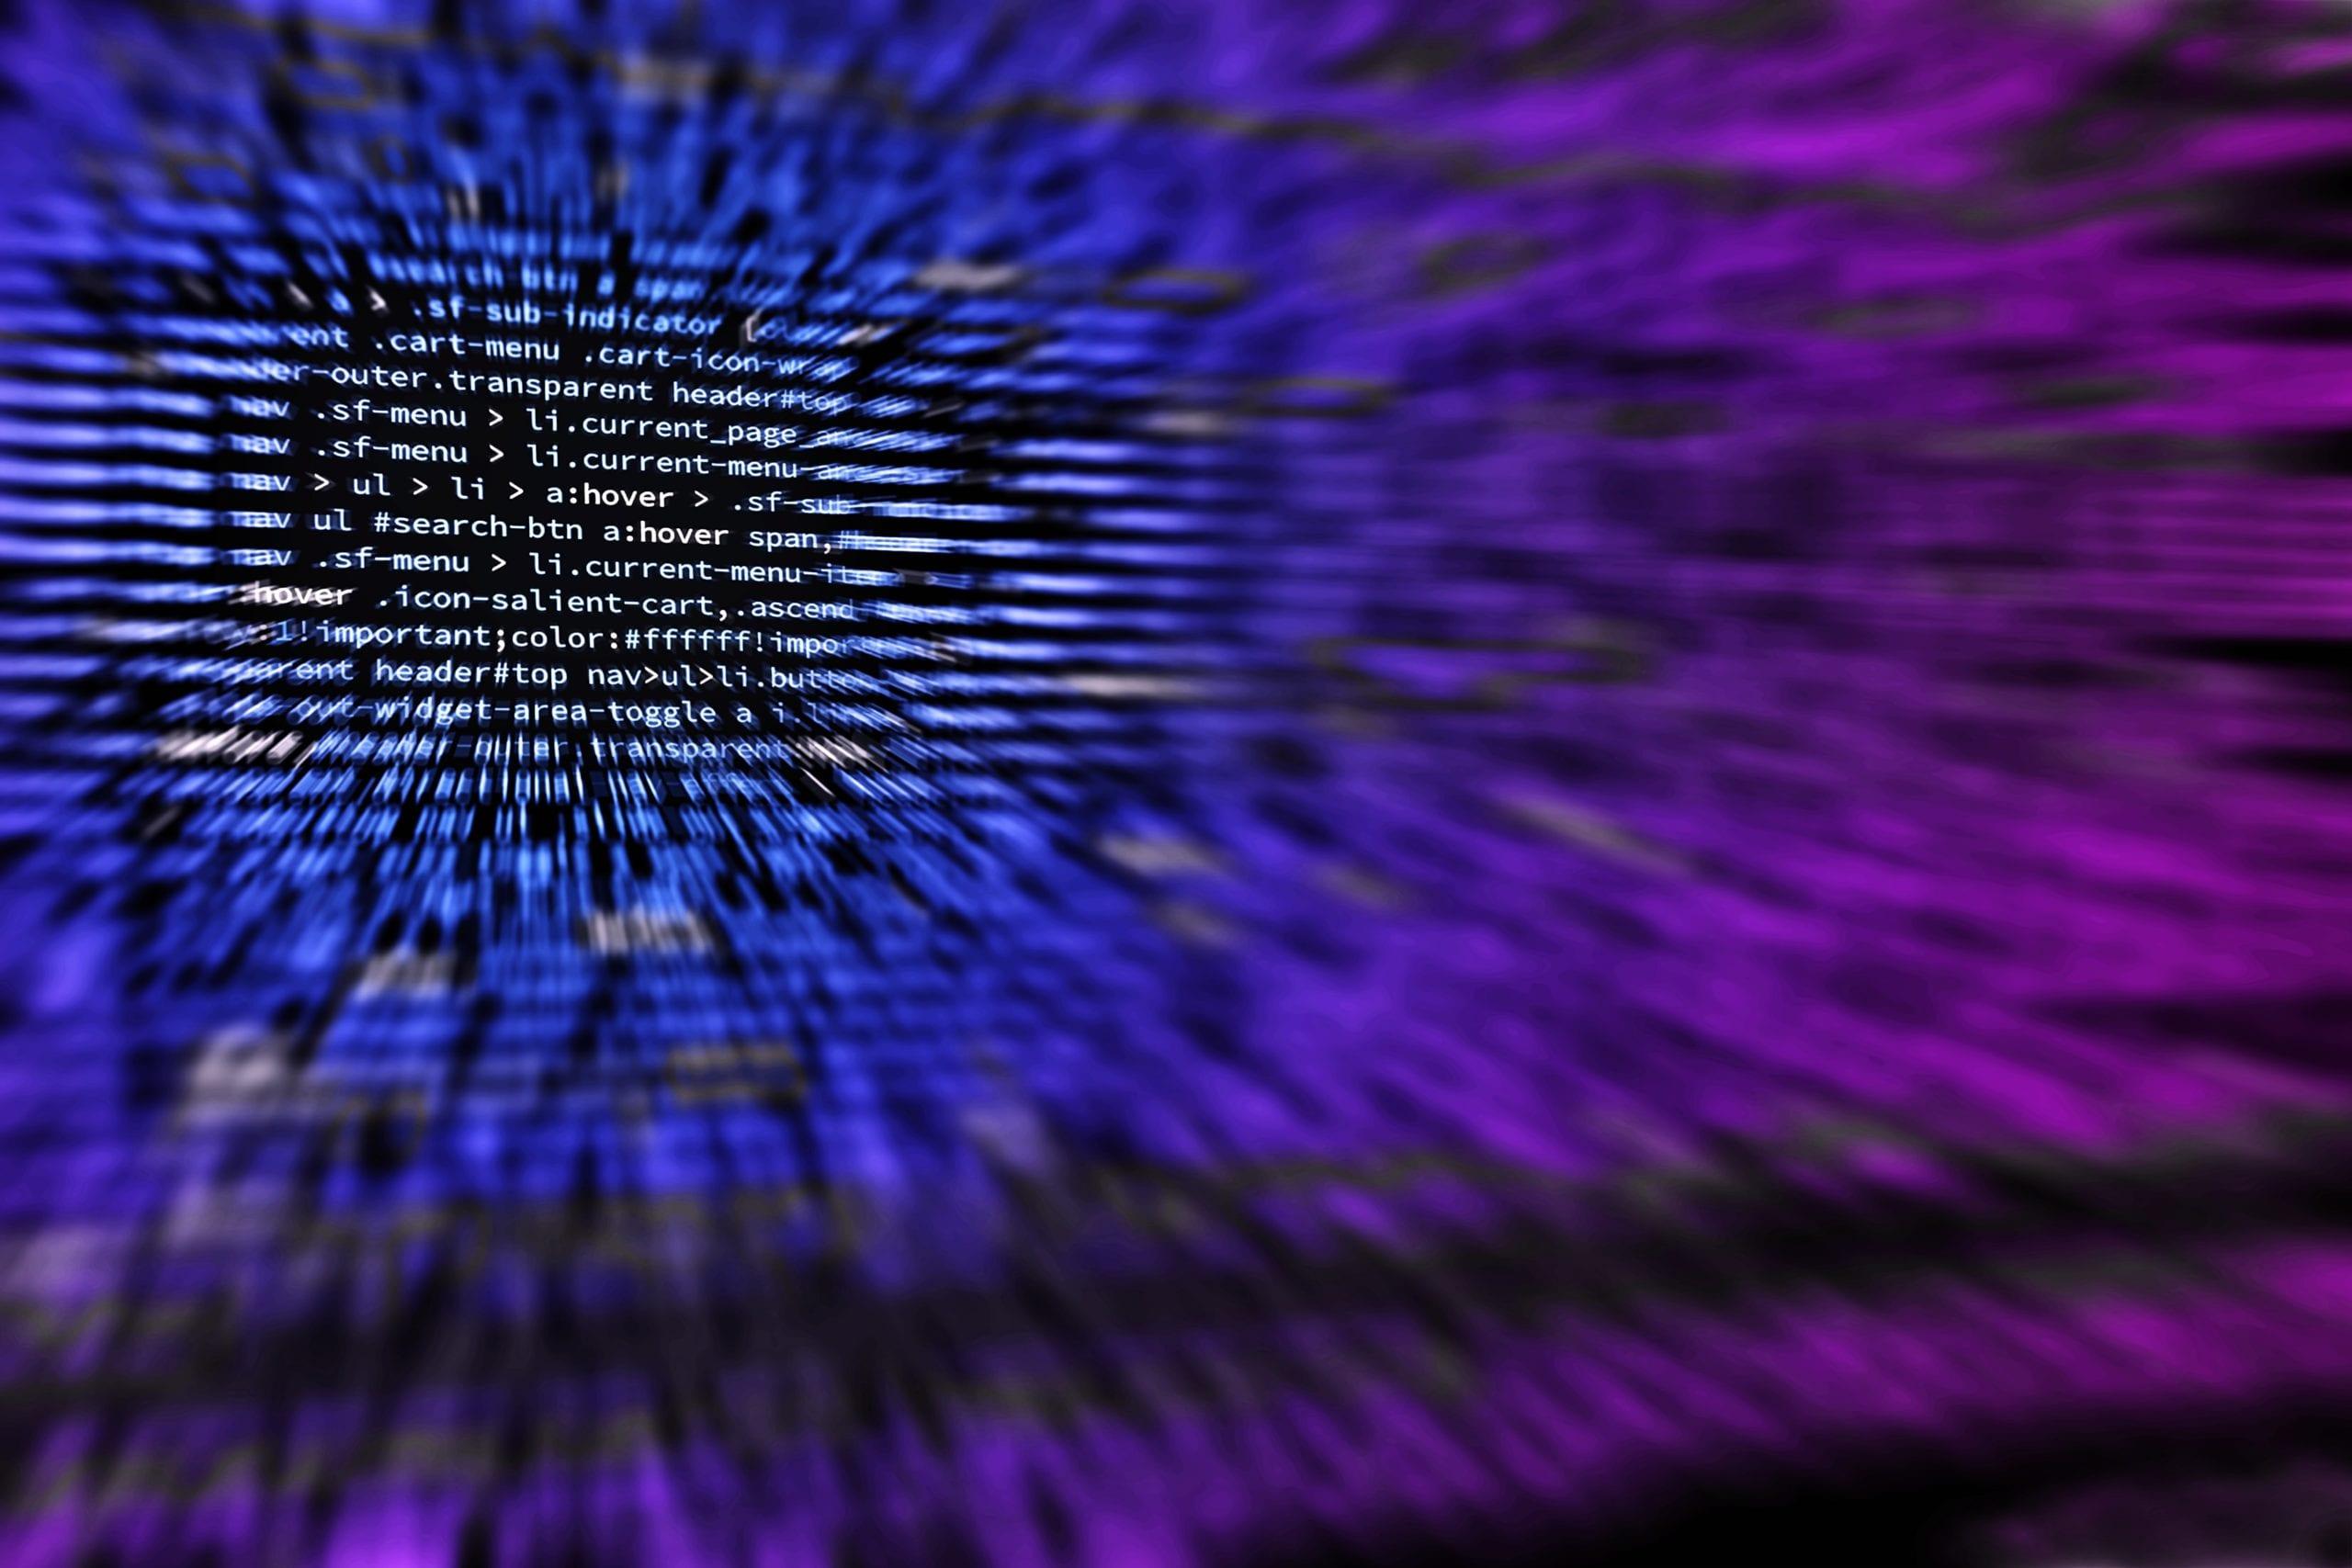 cyber defence header image